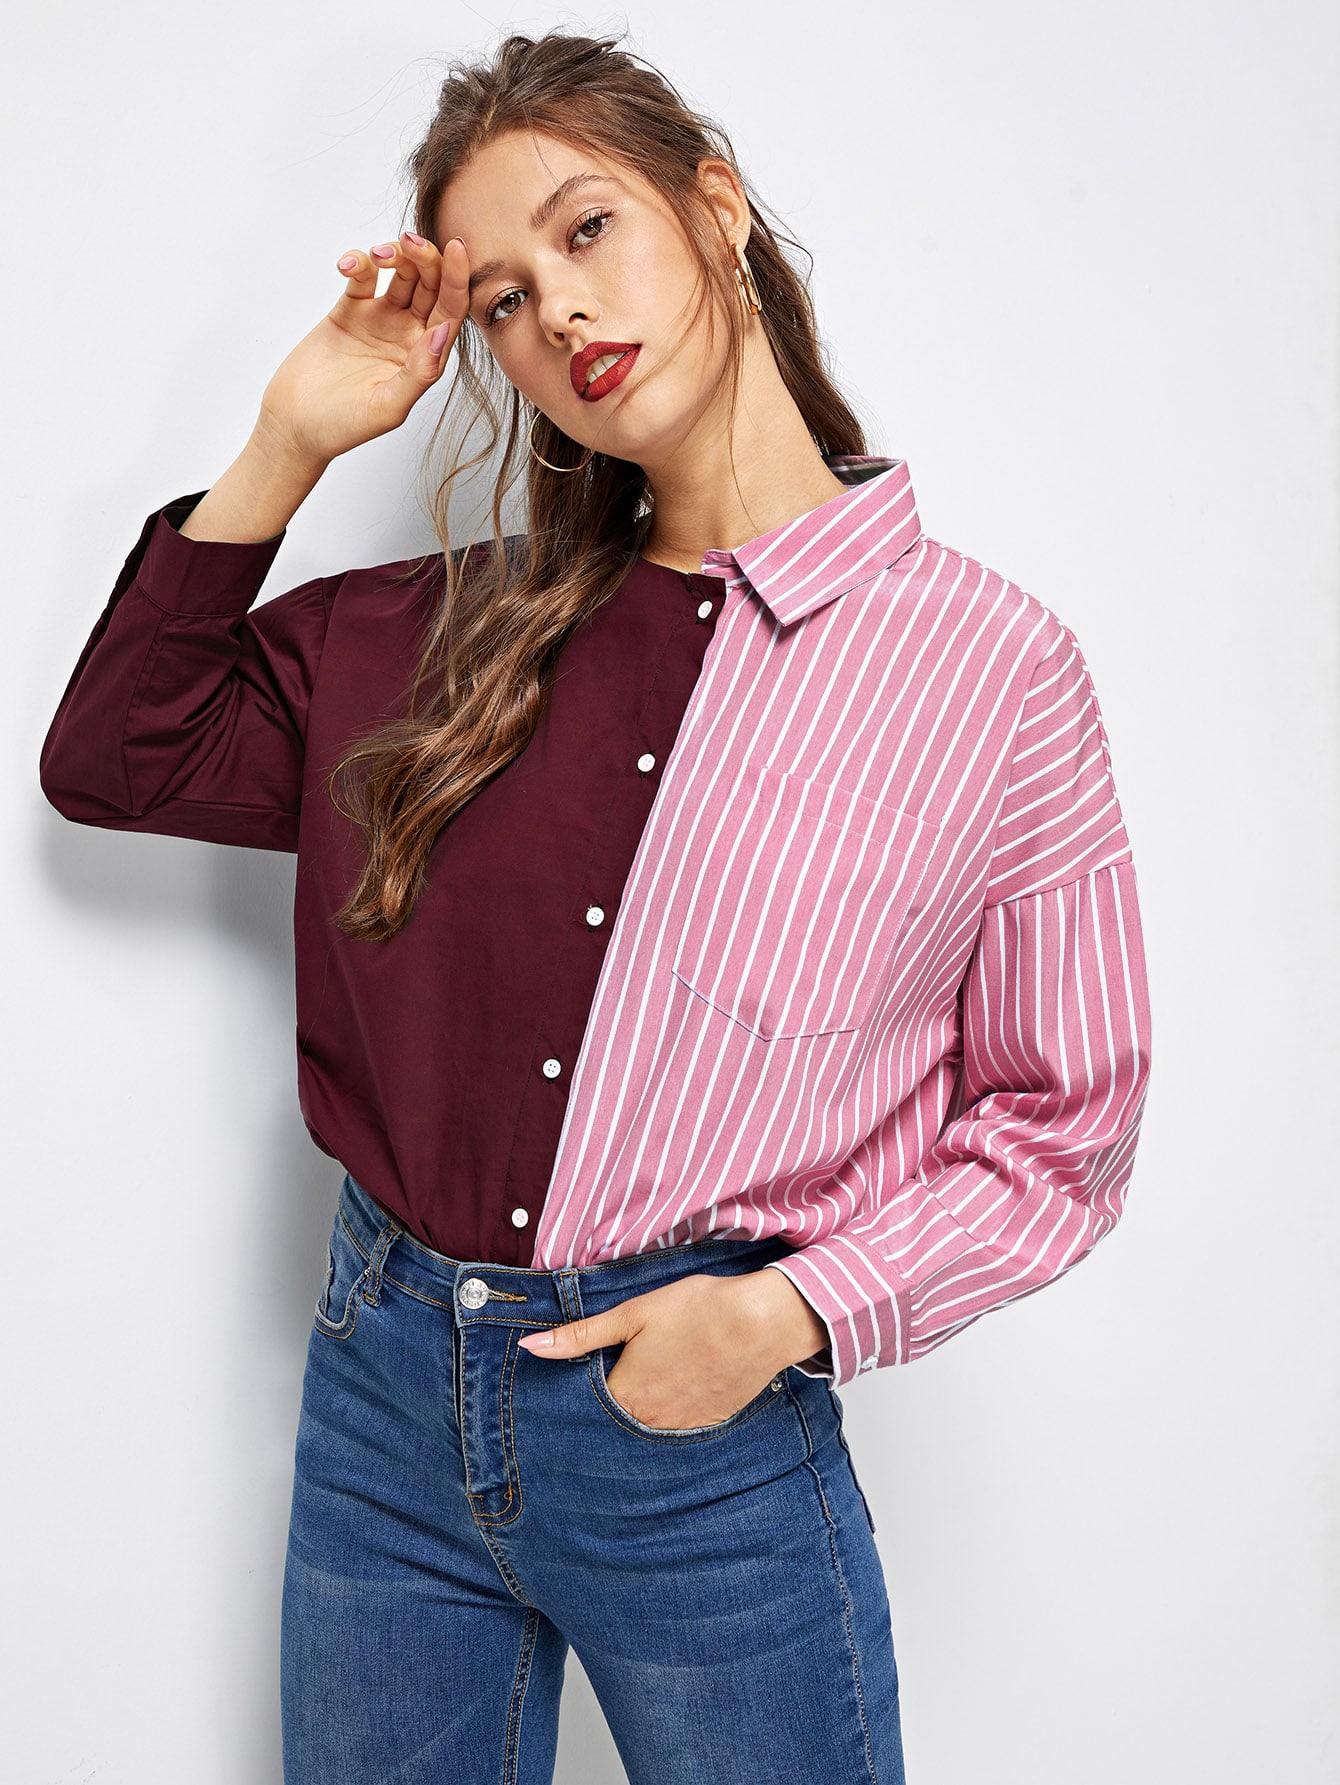 Купить Полосатая рубашка с асимметричным воротником, Gabi D, SheIn